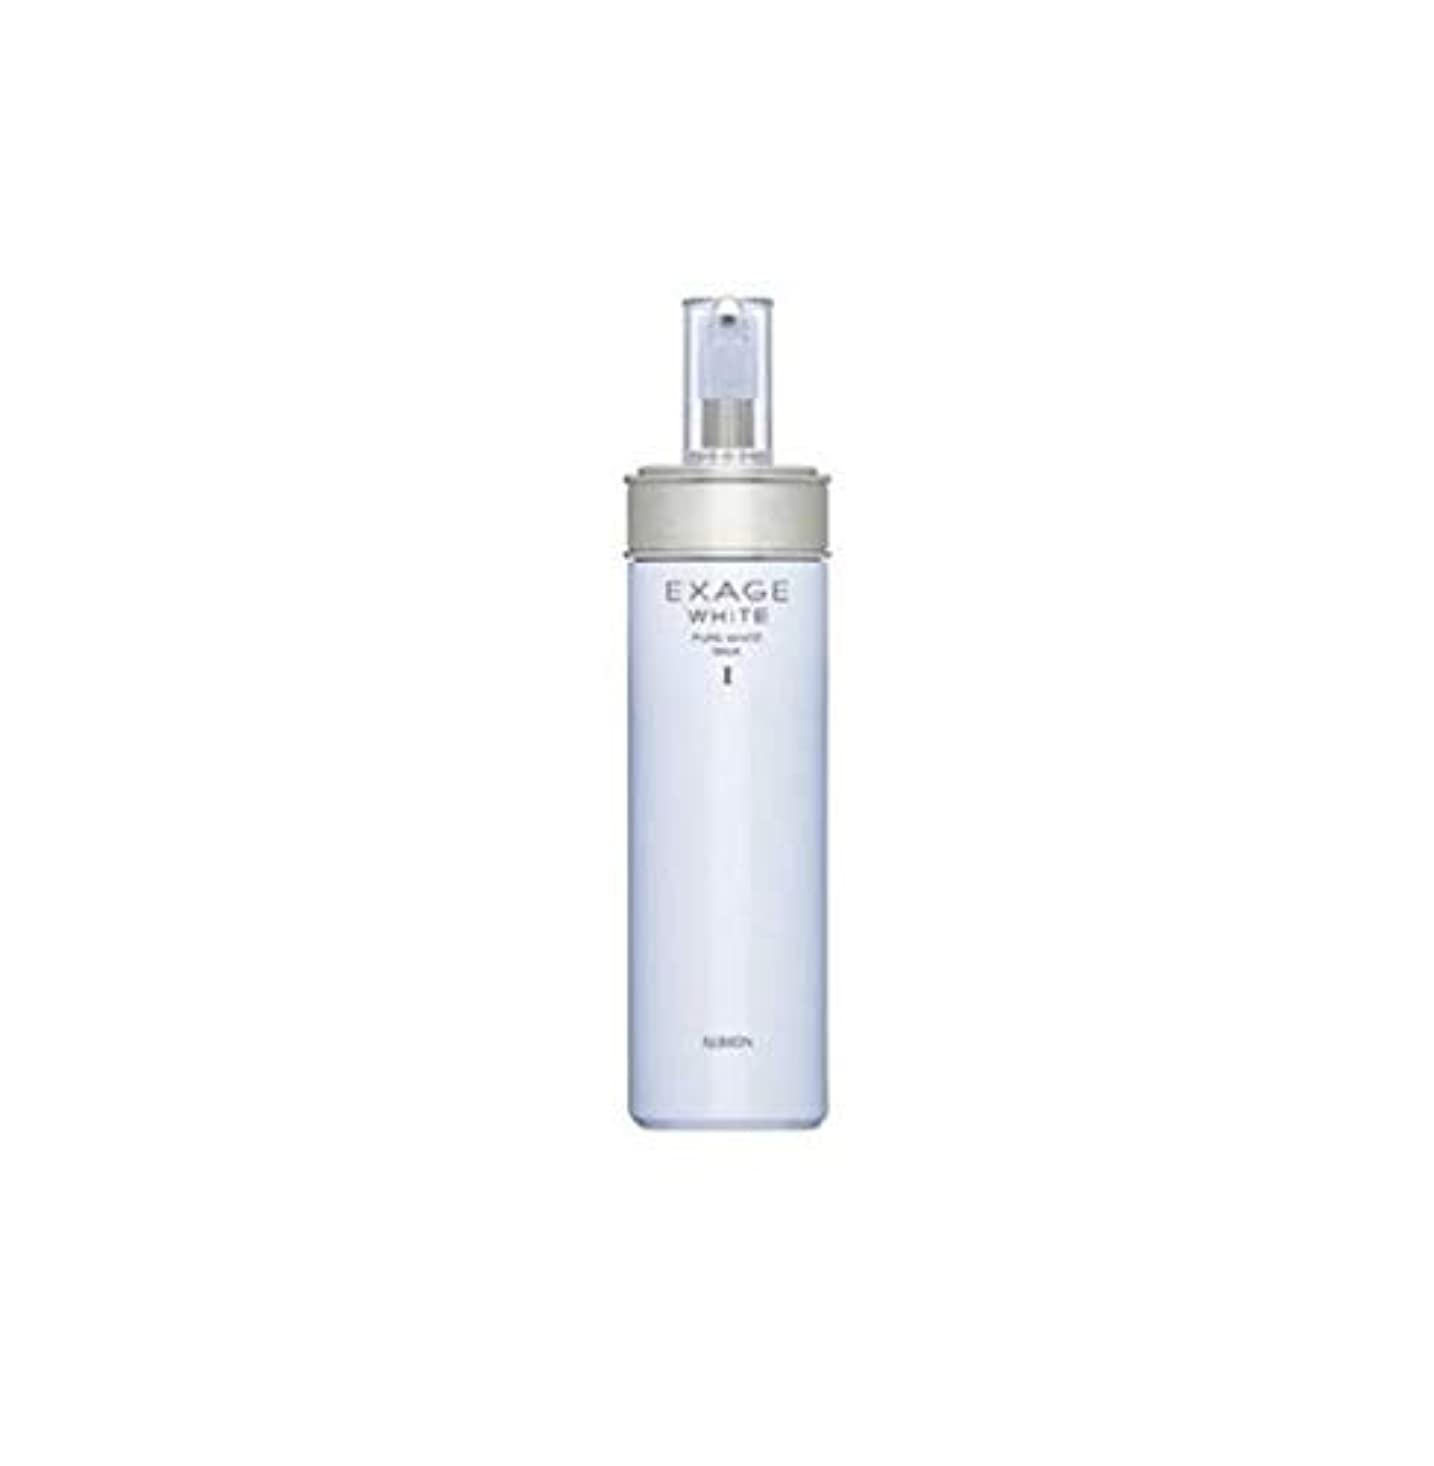 短くするゲーム技術者ALBION(アルビオン) エクサージュホワイト ピュアホワイト ミルク I 200g [ 乳液 ]